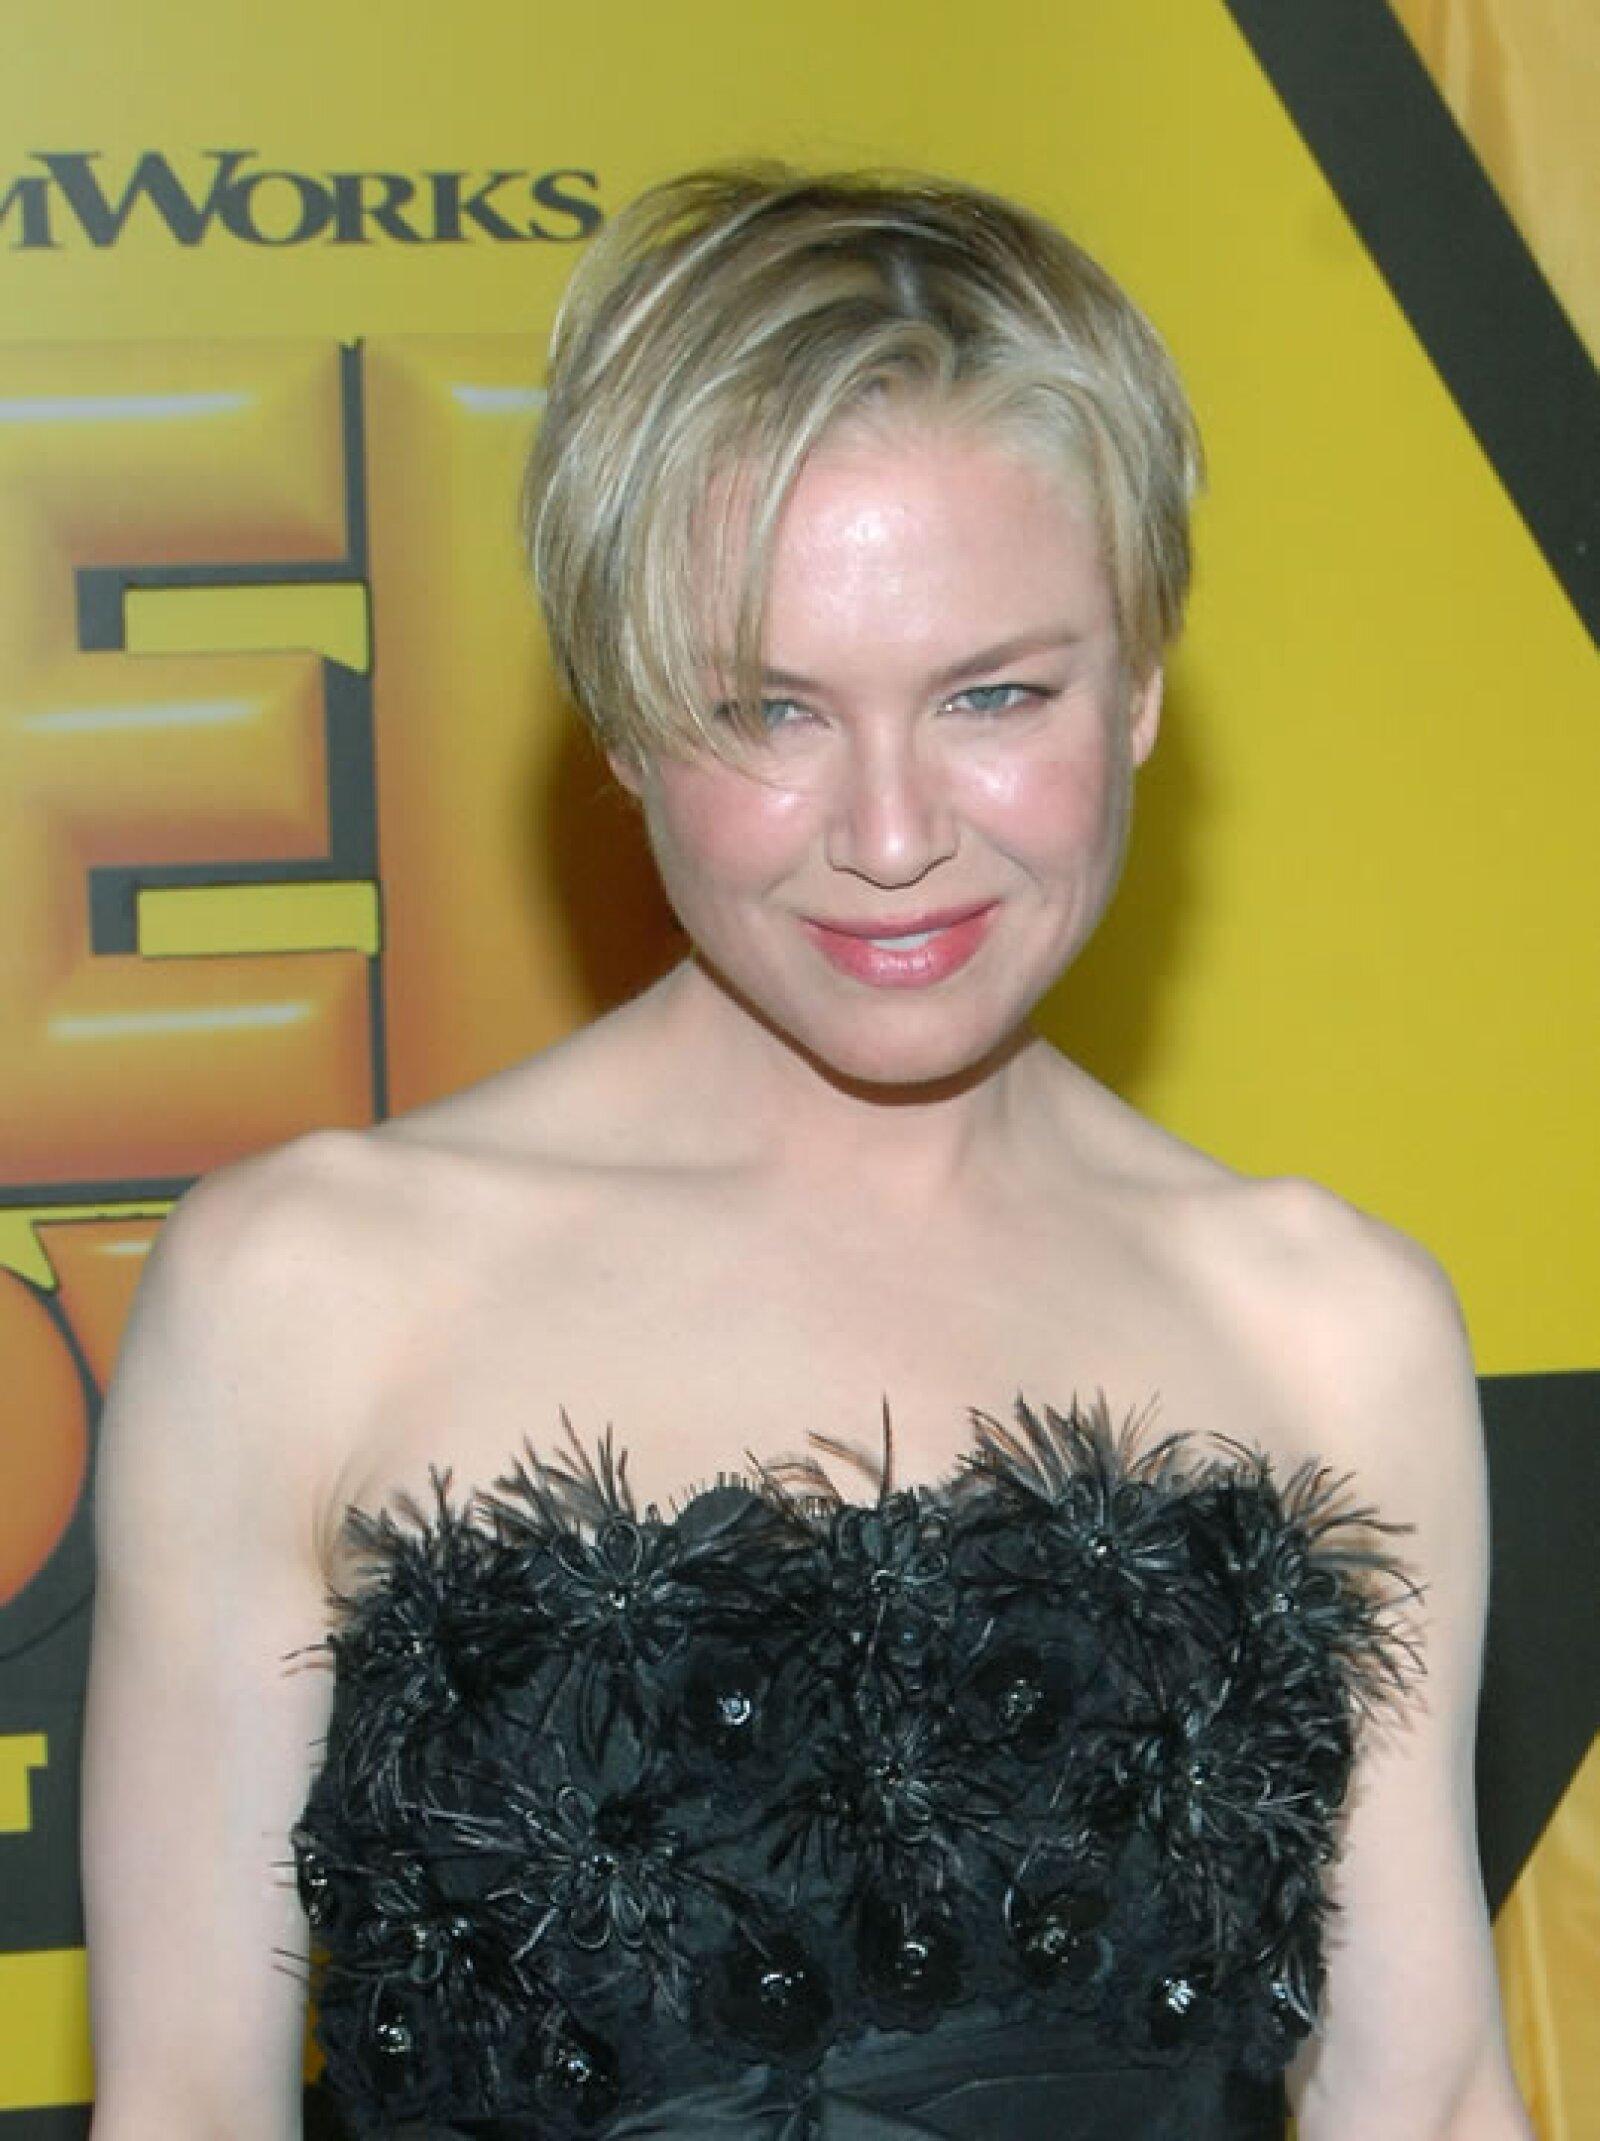 Renee Zelwegger- Un pelo corto puede ser sexy, siempre y cuando se le de el cuidado que requiere para lucir impecable, pero definitivamente la actriz no lo sabía.